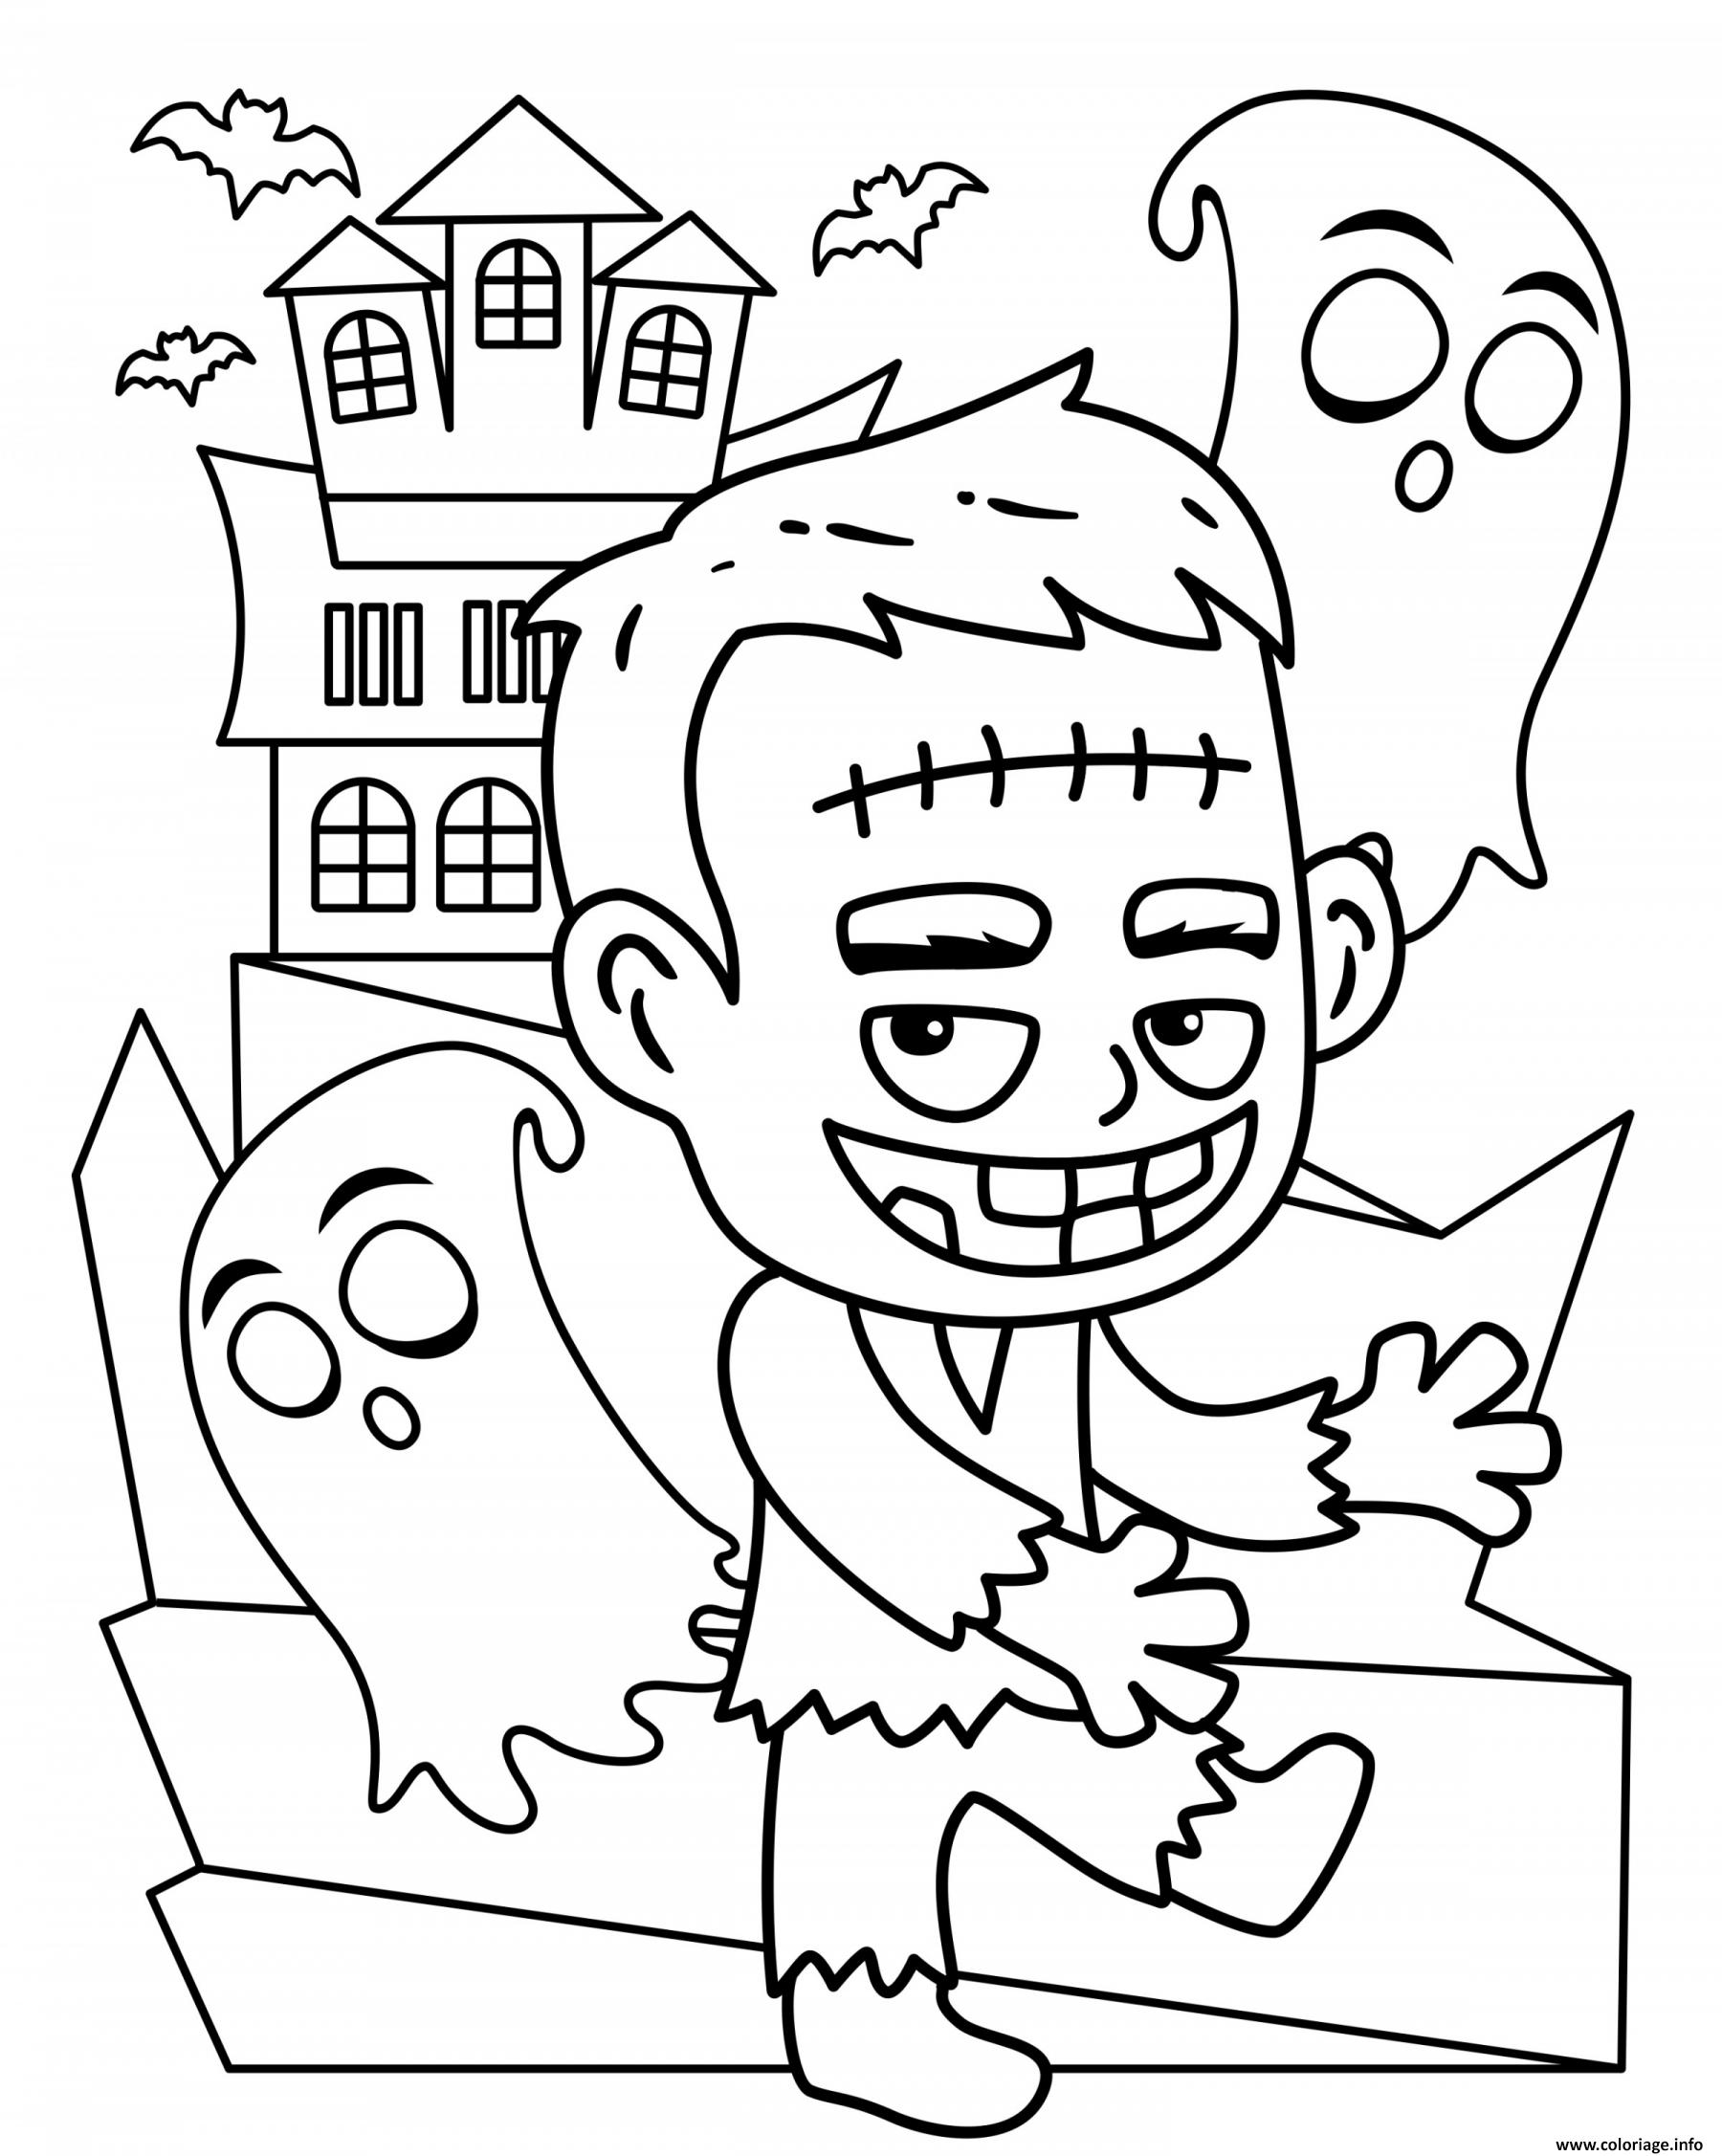 Dessin Halloween Frankenstein et les fantomes Coloriage Gratuit à Imprimer